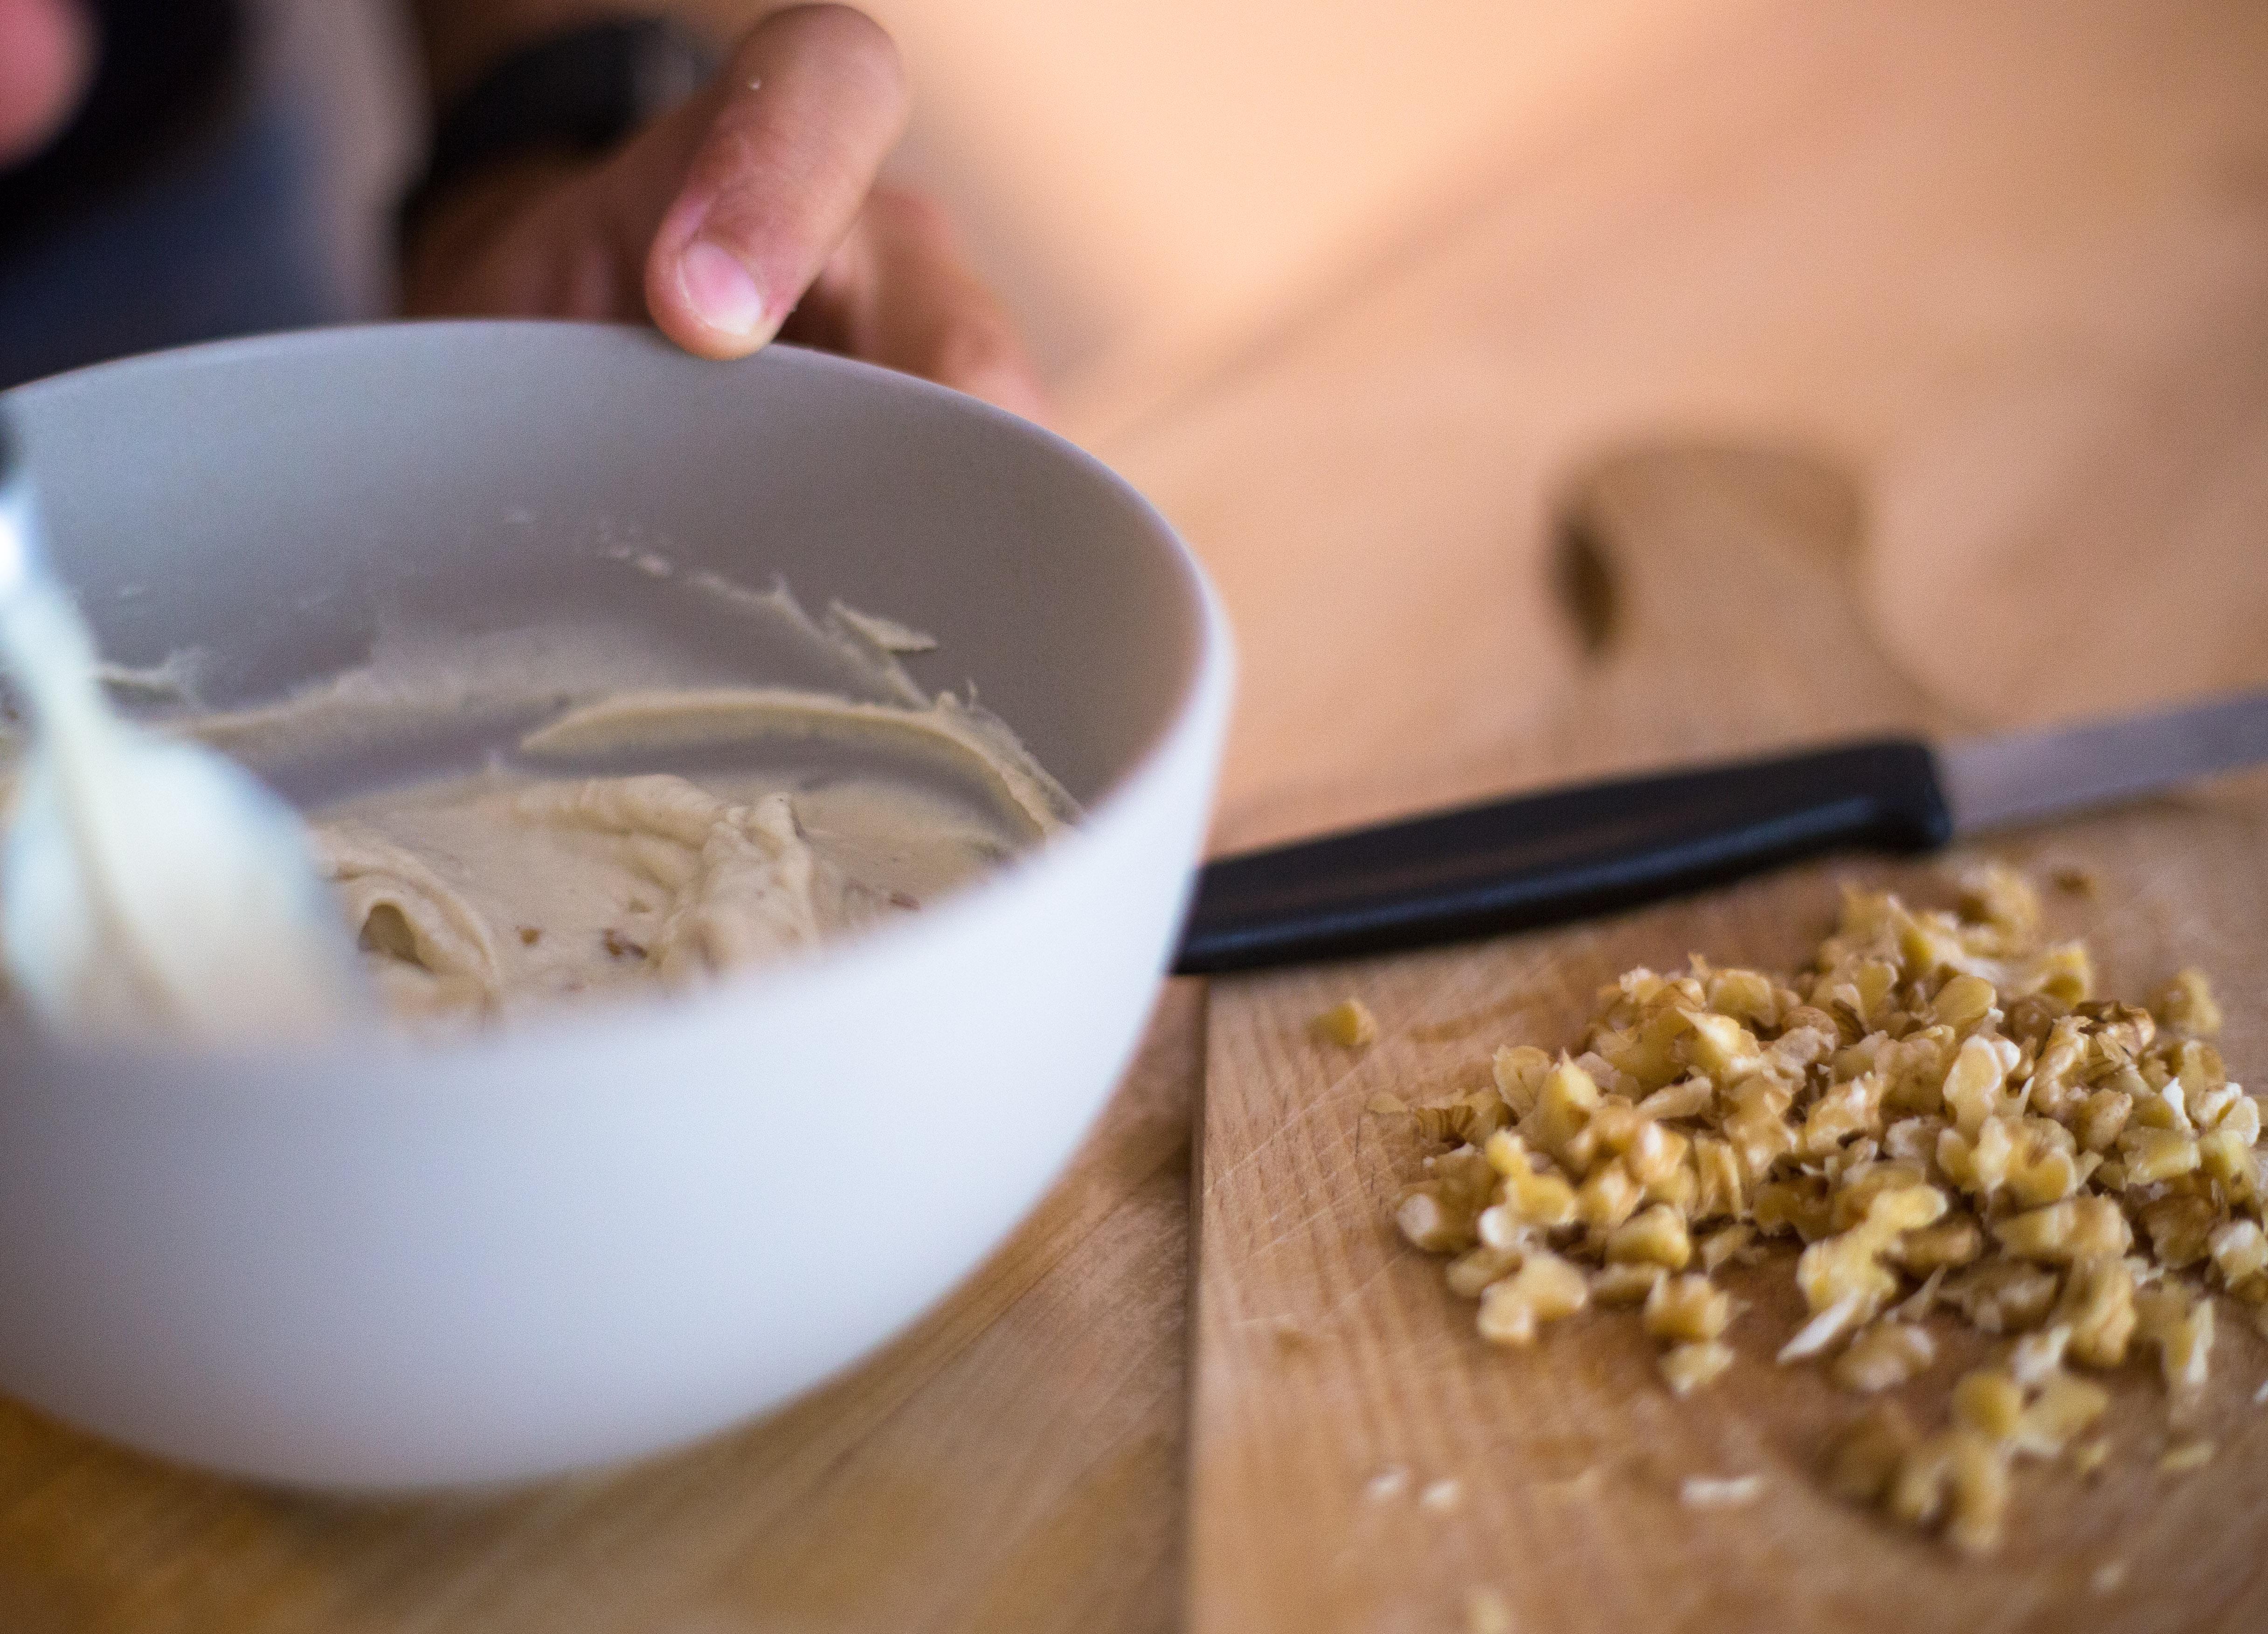 Kleiner Kühlschrank Kaufen Schweiz : Baumnusskäse rezept u vegane gesellschaft schweiz